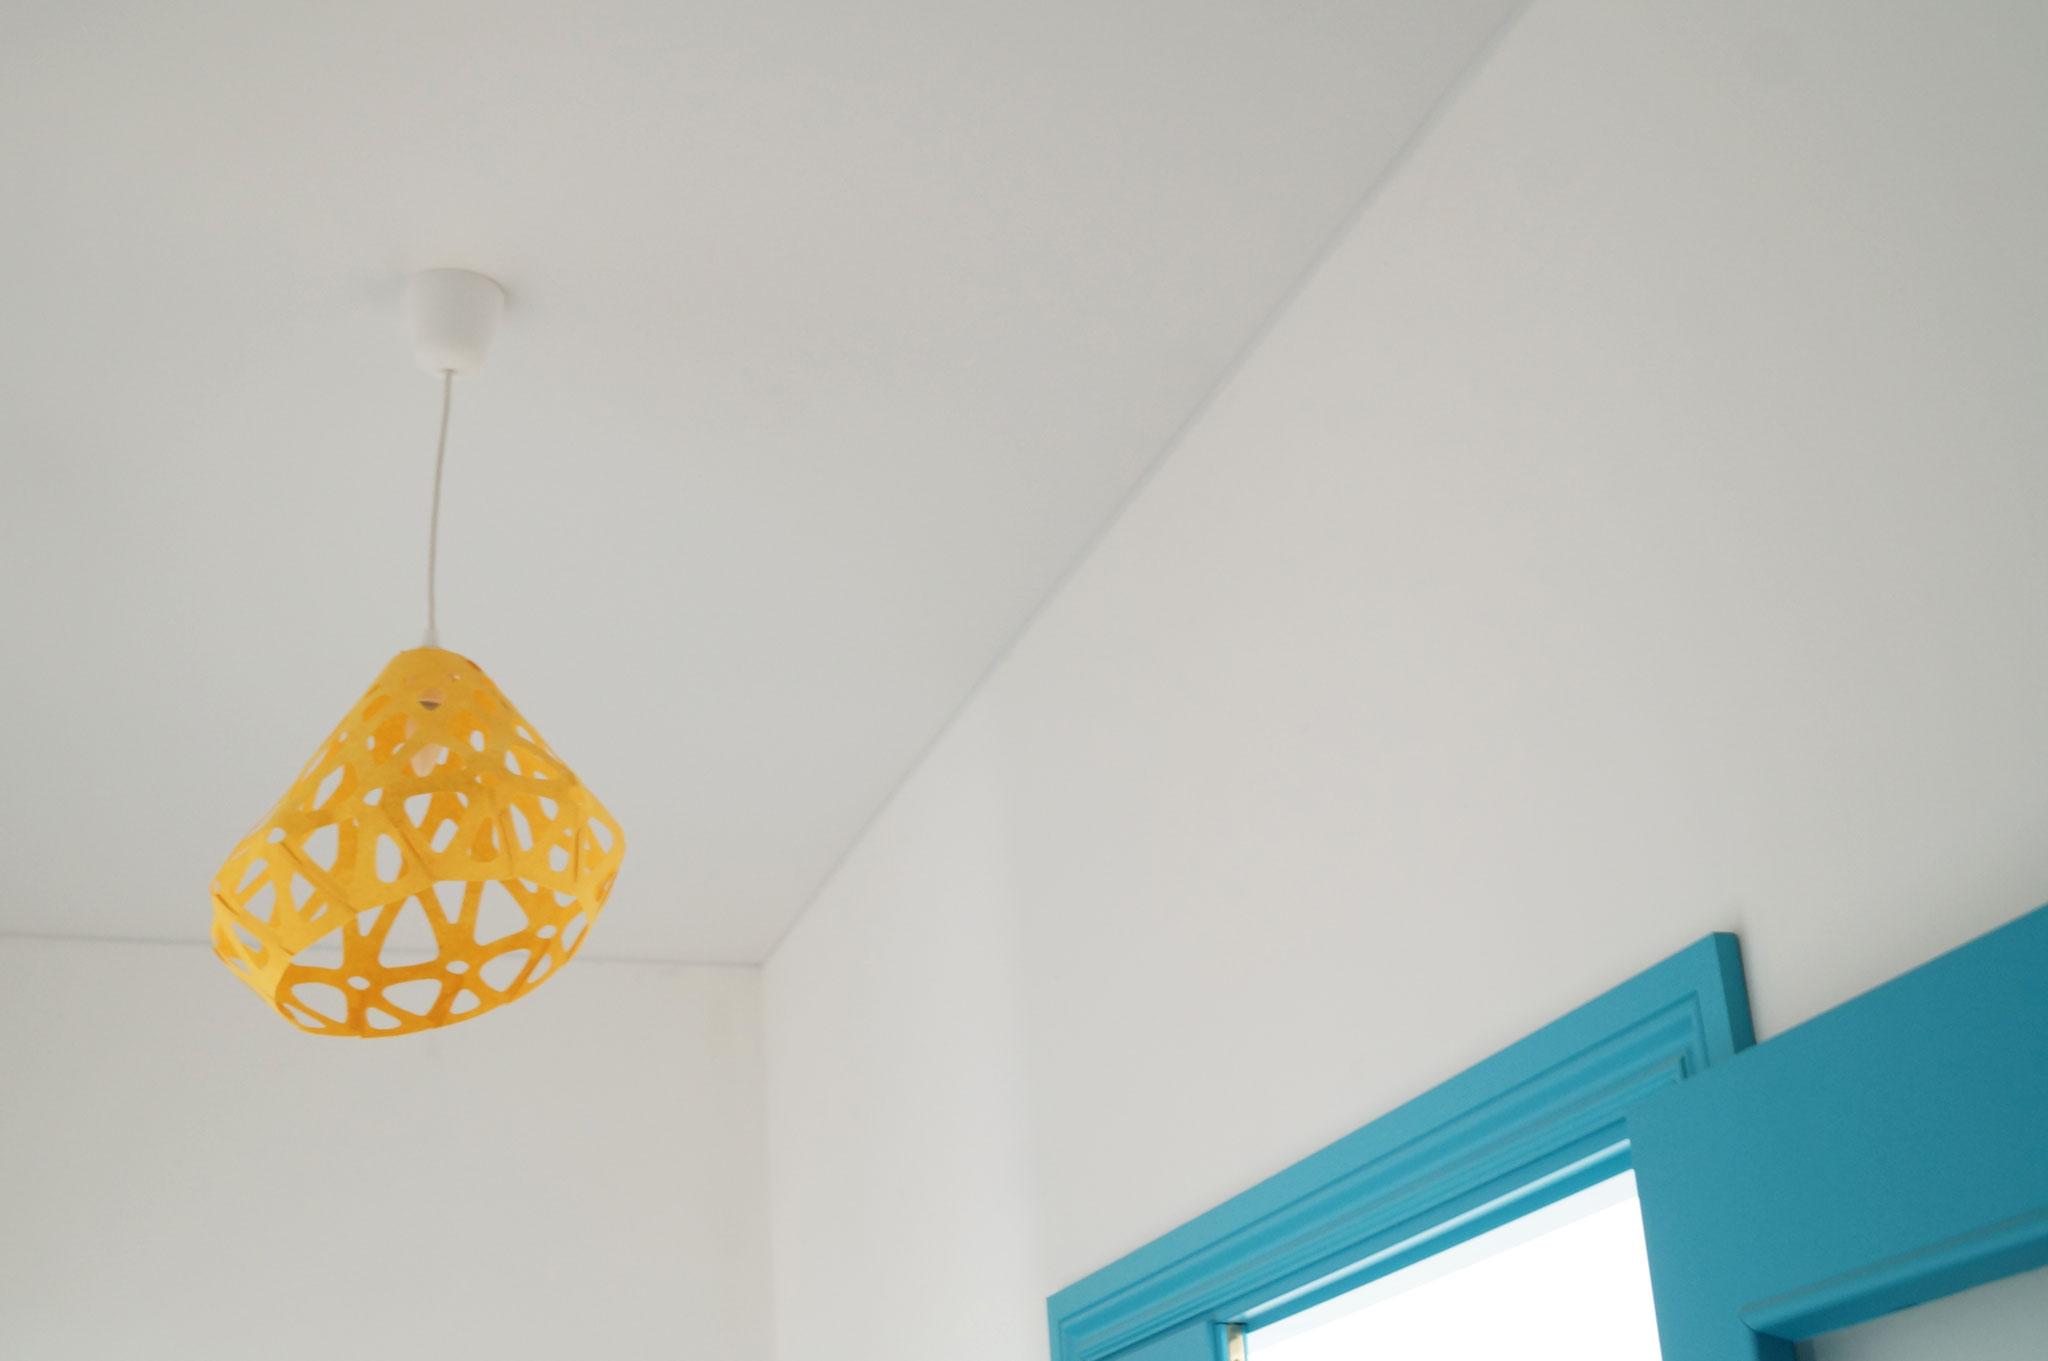 Яркий желтый подвесной светильник ZAHA LIGHT в прихожей квартиры с ярко голубыми цветами.